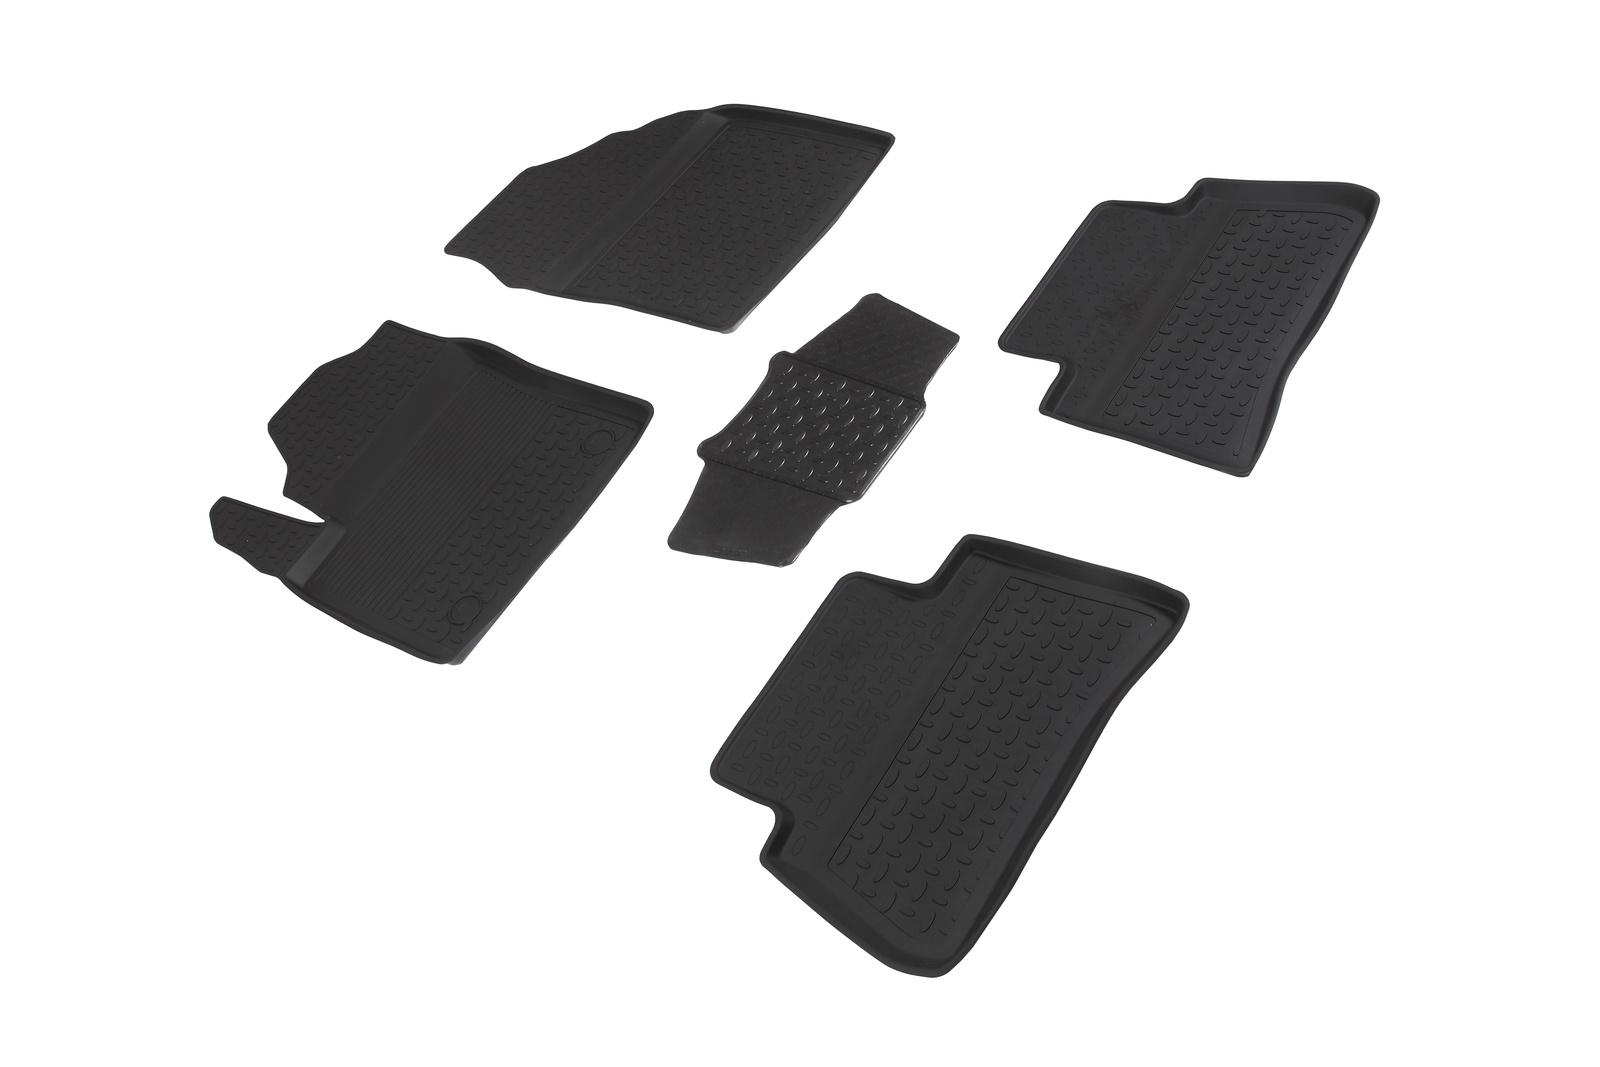 развивающие коврики Коврики в салон автомобиля Seintex Резиновые коврики с высоким бортом для Toyota CH-R 2016-н.в.